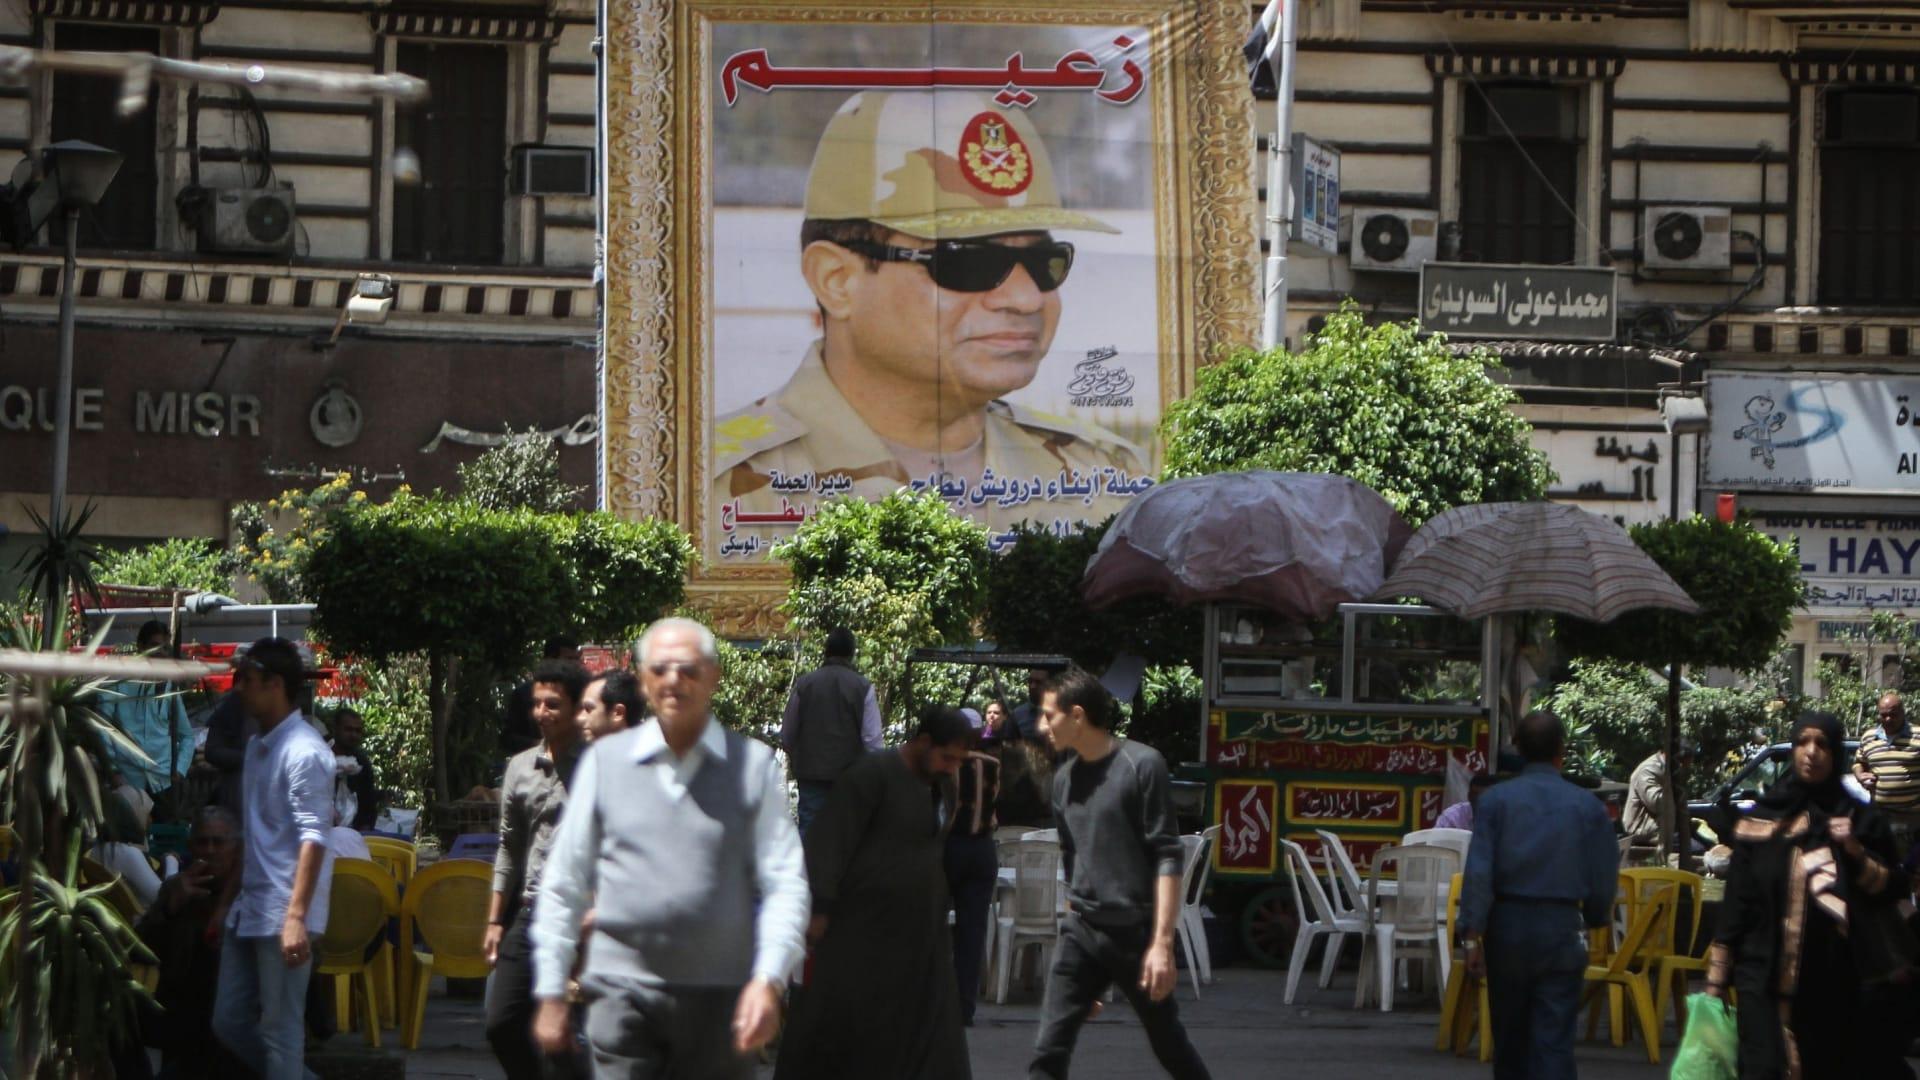 صورة أرشيفية للوحة تحمل صورة الرئيس عبدالفتاح السيسي في مصر العام 2014